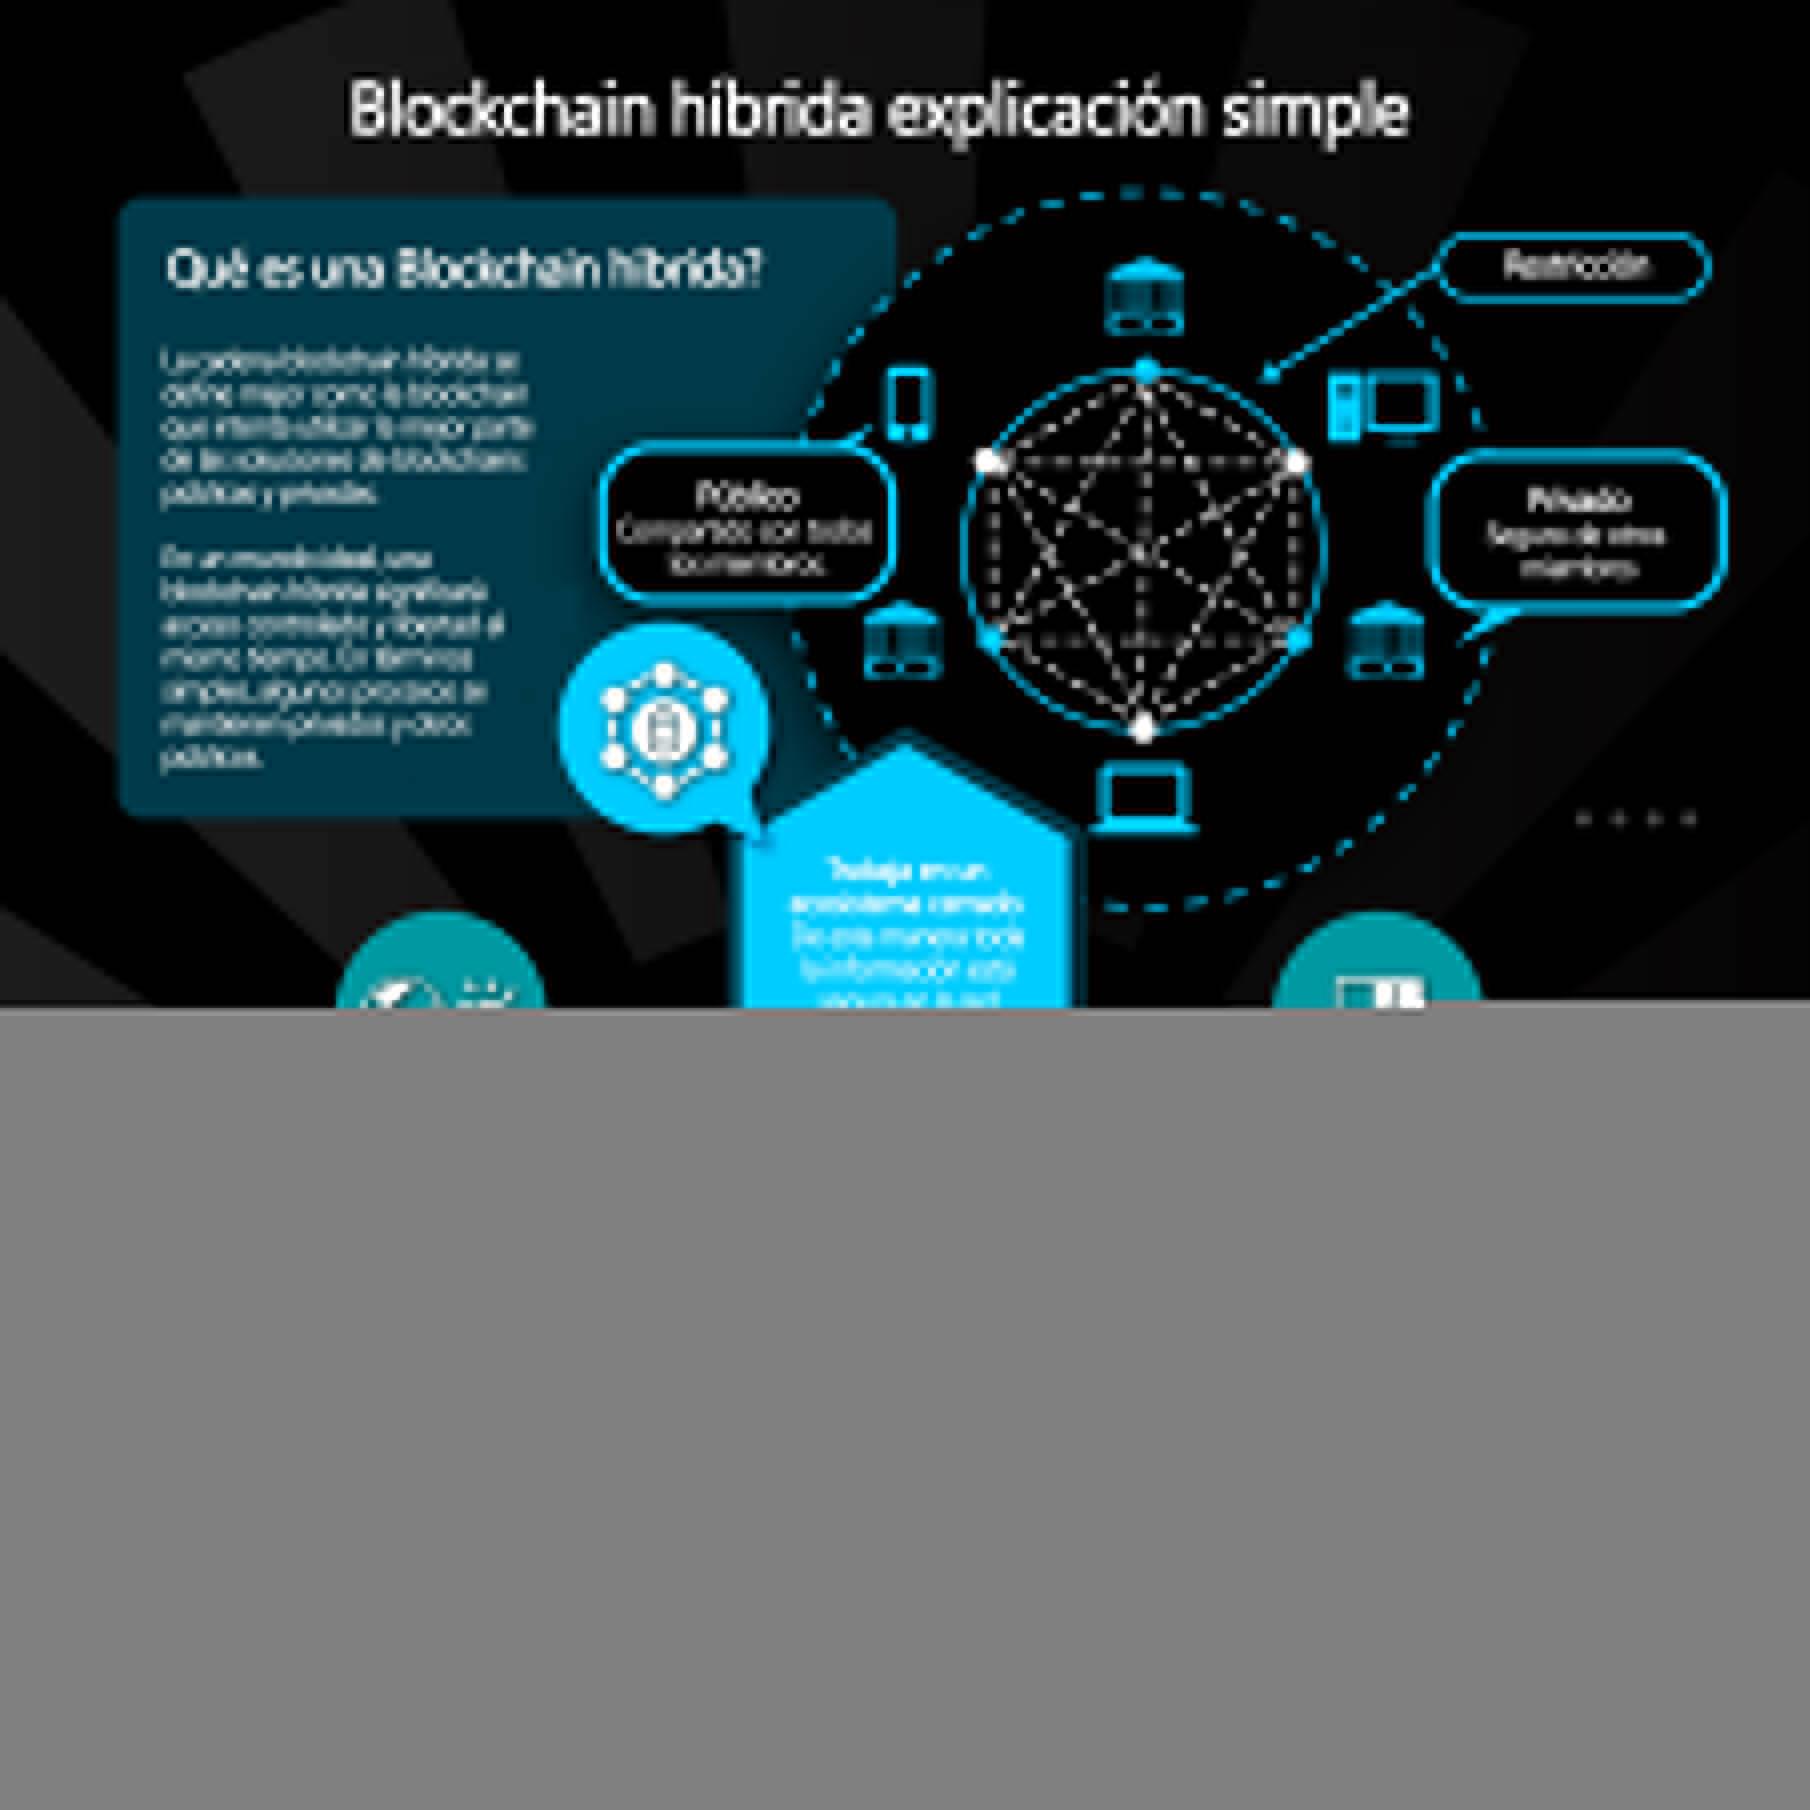 blockchain híbrida explicación simple - Infografía